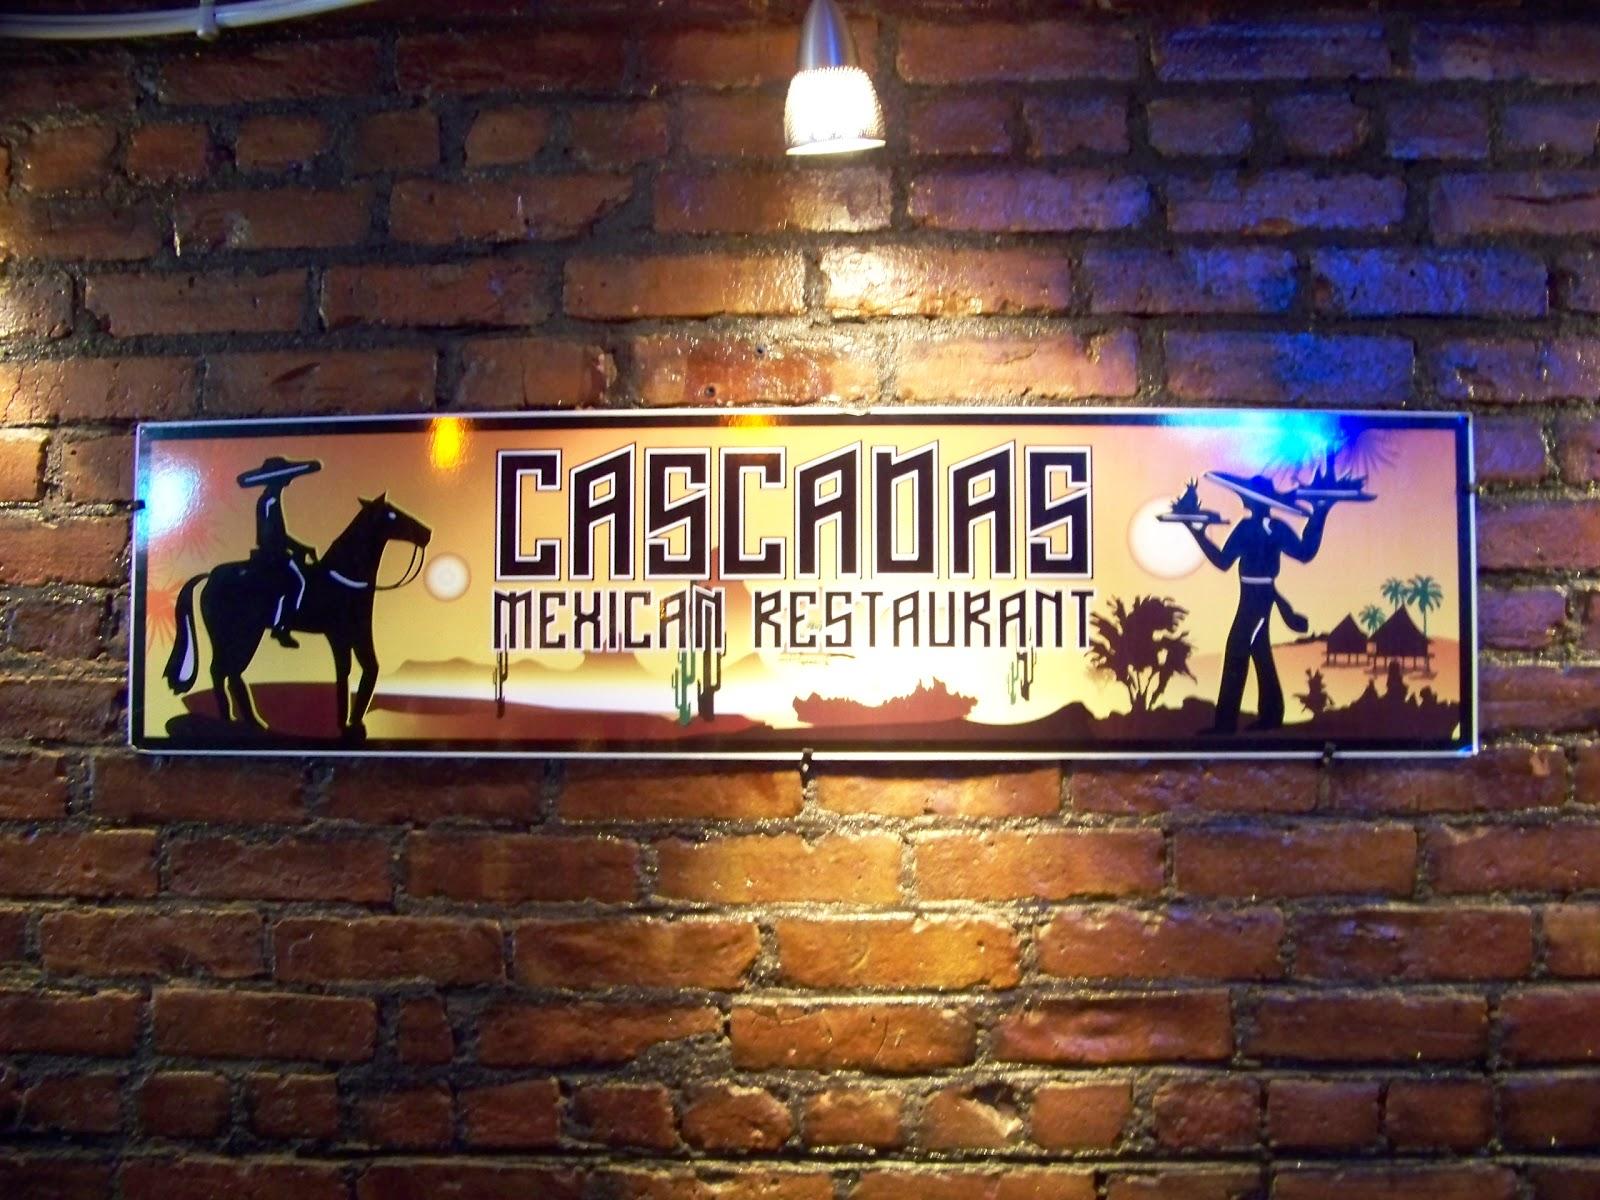 Mexican Restaurants Beacon Ny